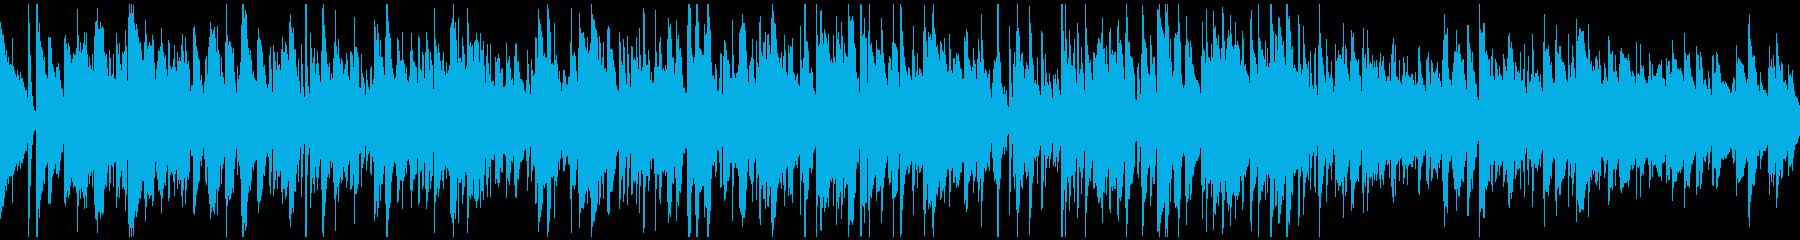 優しいボサノバ、素敵なメロディ※ループ版の再生済みの波形